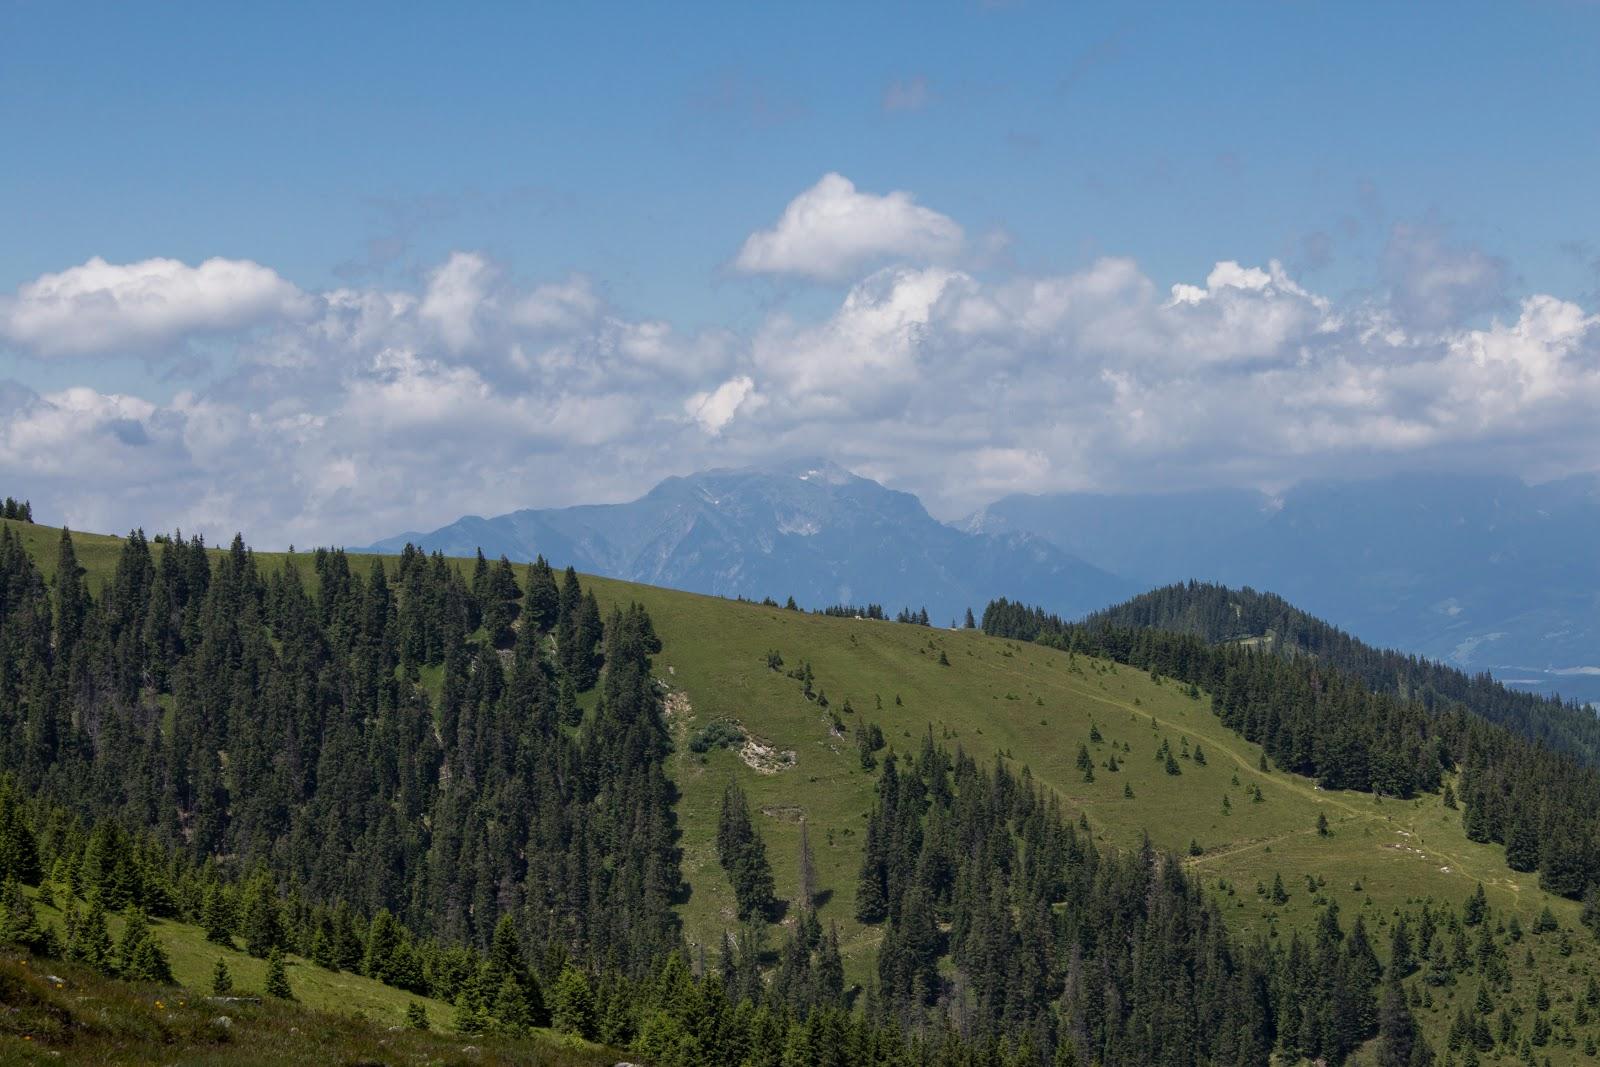 Wanderung auf den Lärchkogel auf der Gleinalpe - Steiermark - Österreich